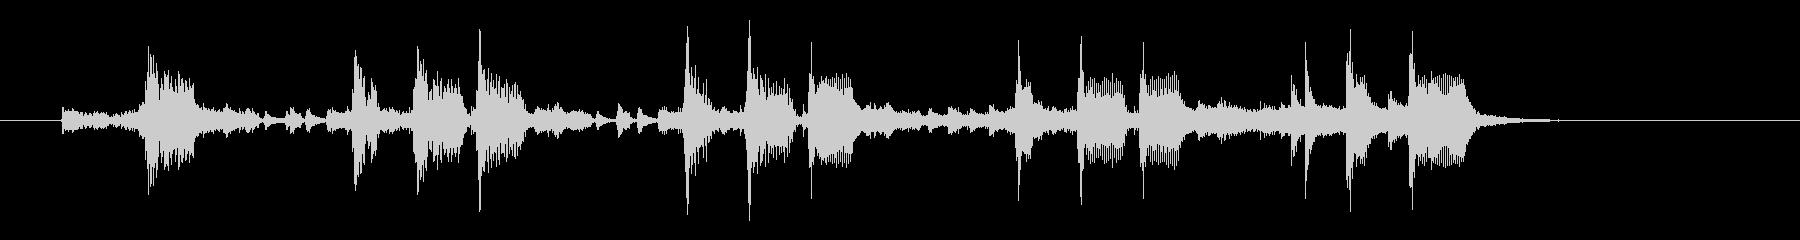 【13秒】オープニング等に合うBGMの未再生の波形